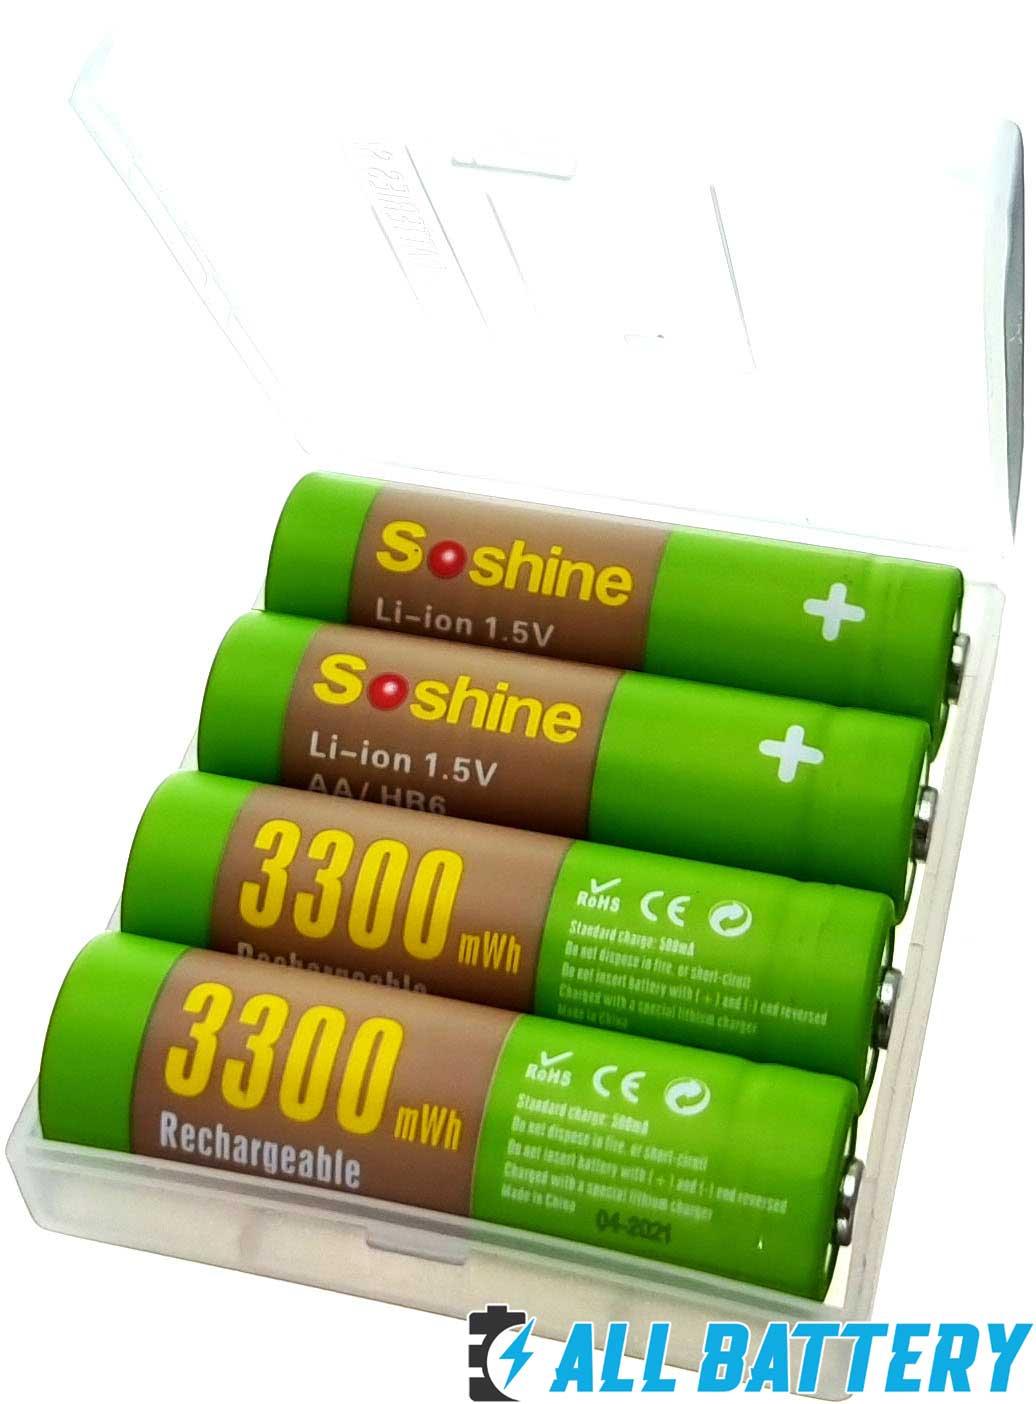 Soshine Li-Ion 1.5V AA 3300 mWh 4 шт. в боксе  - пальчиковые литий-ионные аккумуляторы нового поколения на 1,5В.